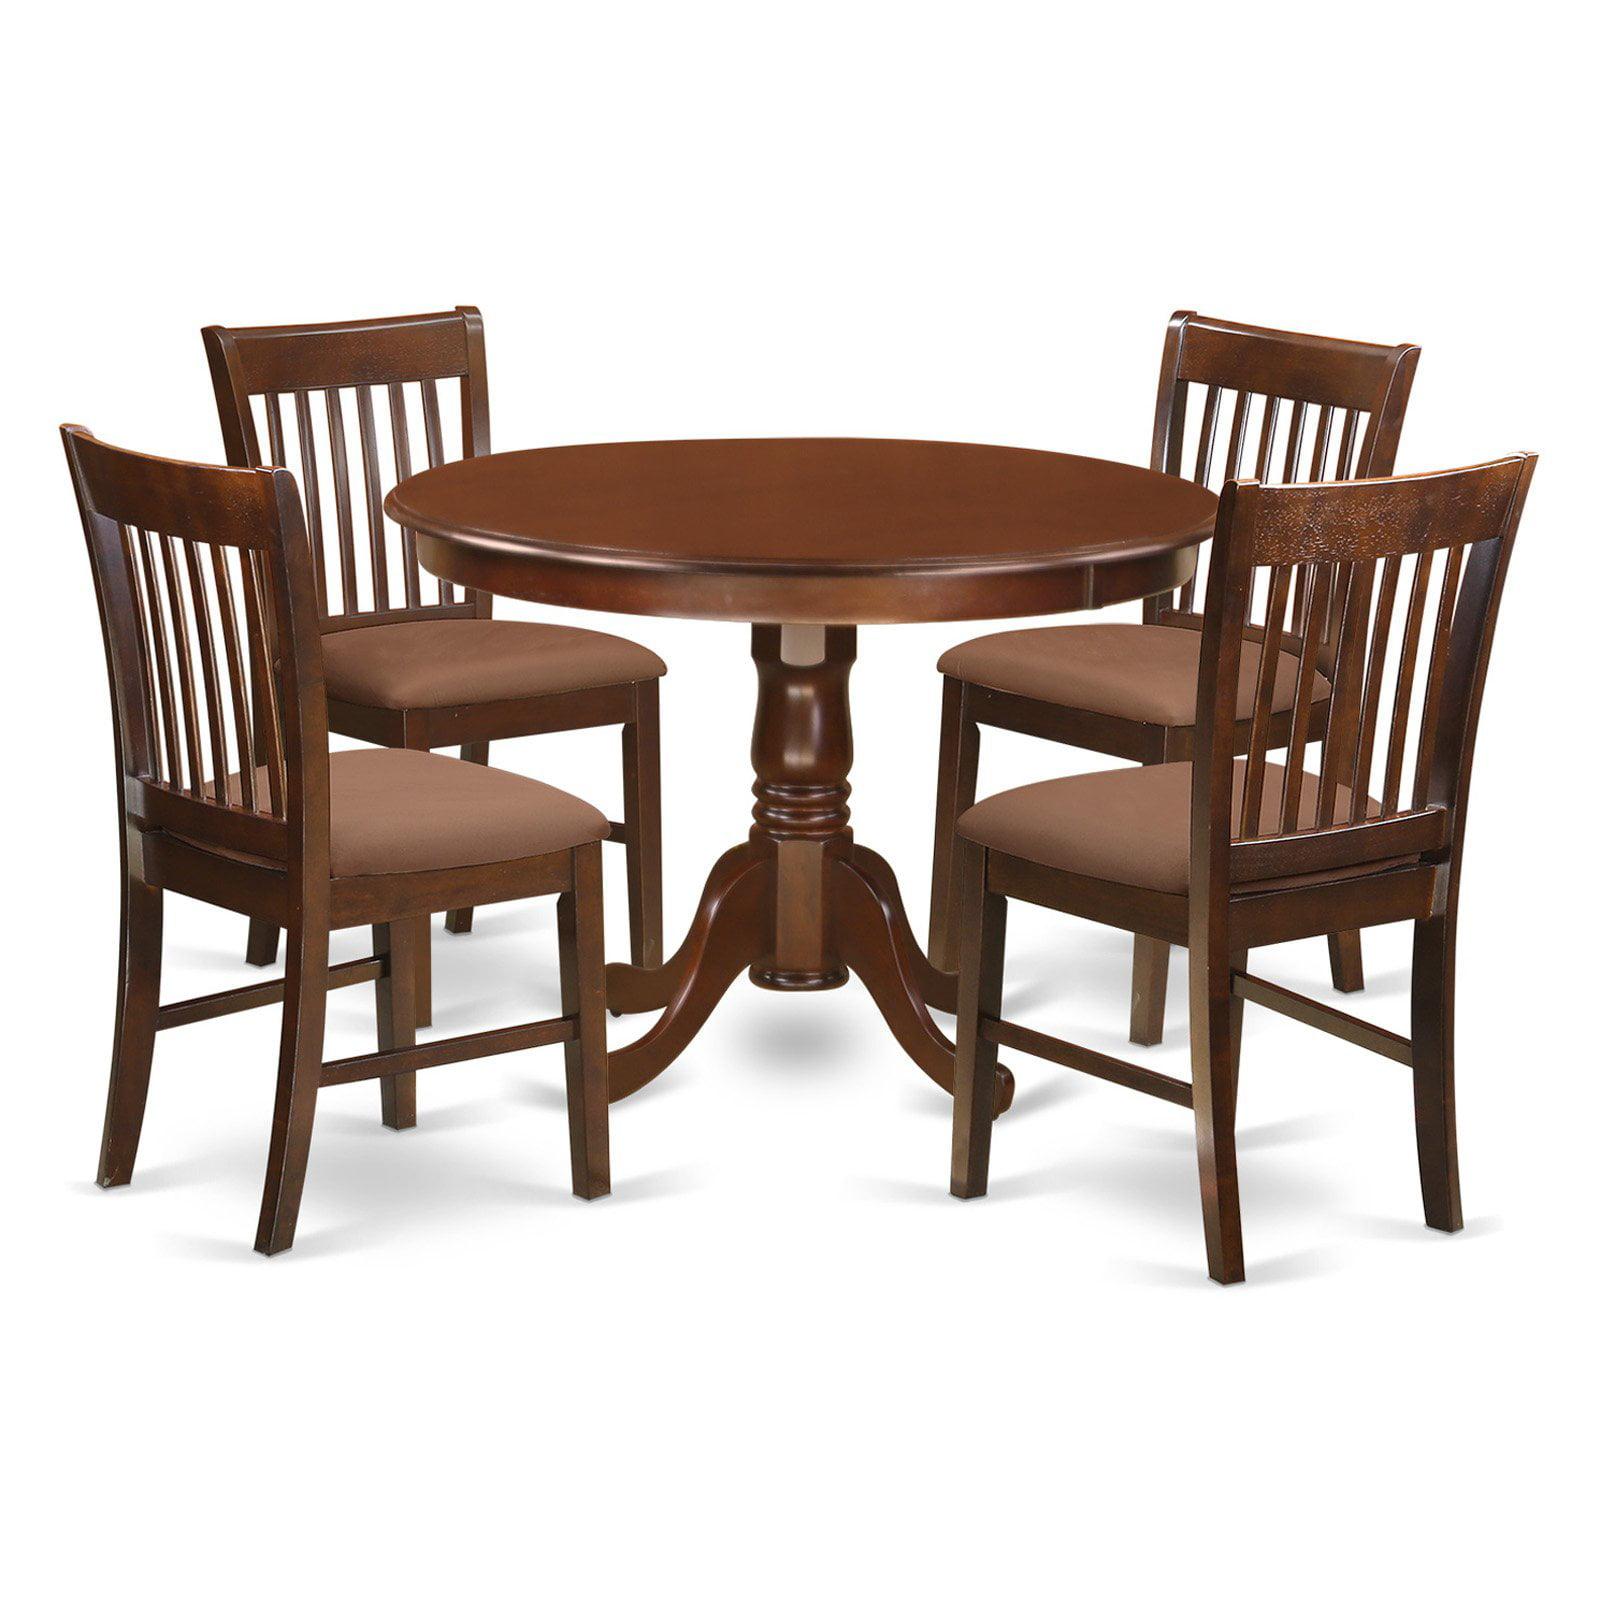 East West Furniture Hartland 5 Piece Slat Back Dining Table Set